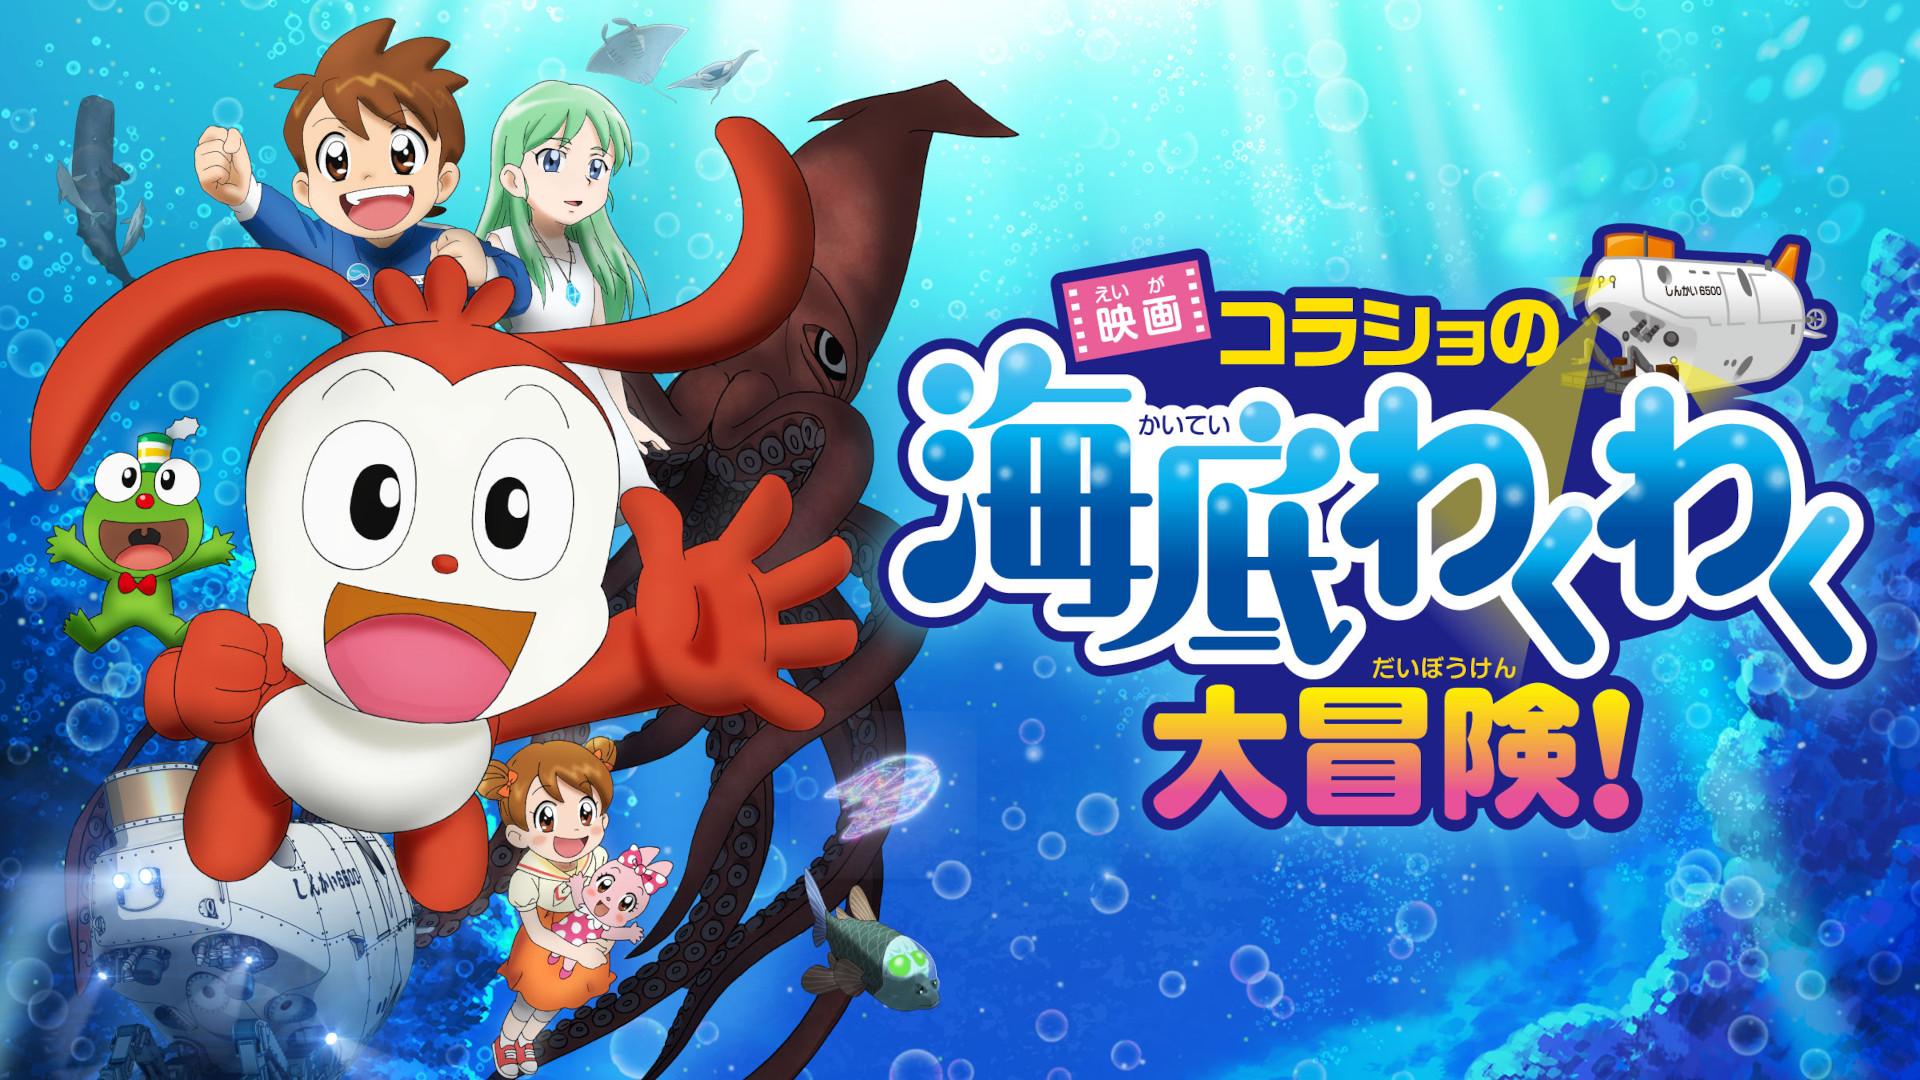 映画コラショの海底わくわく大冒険!(dアニメストア)